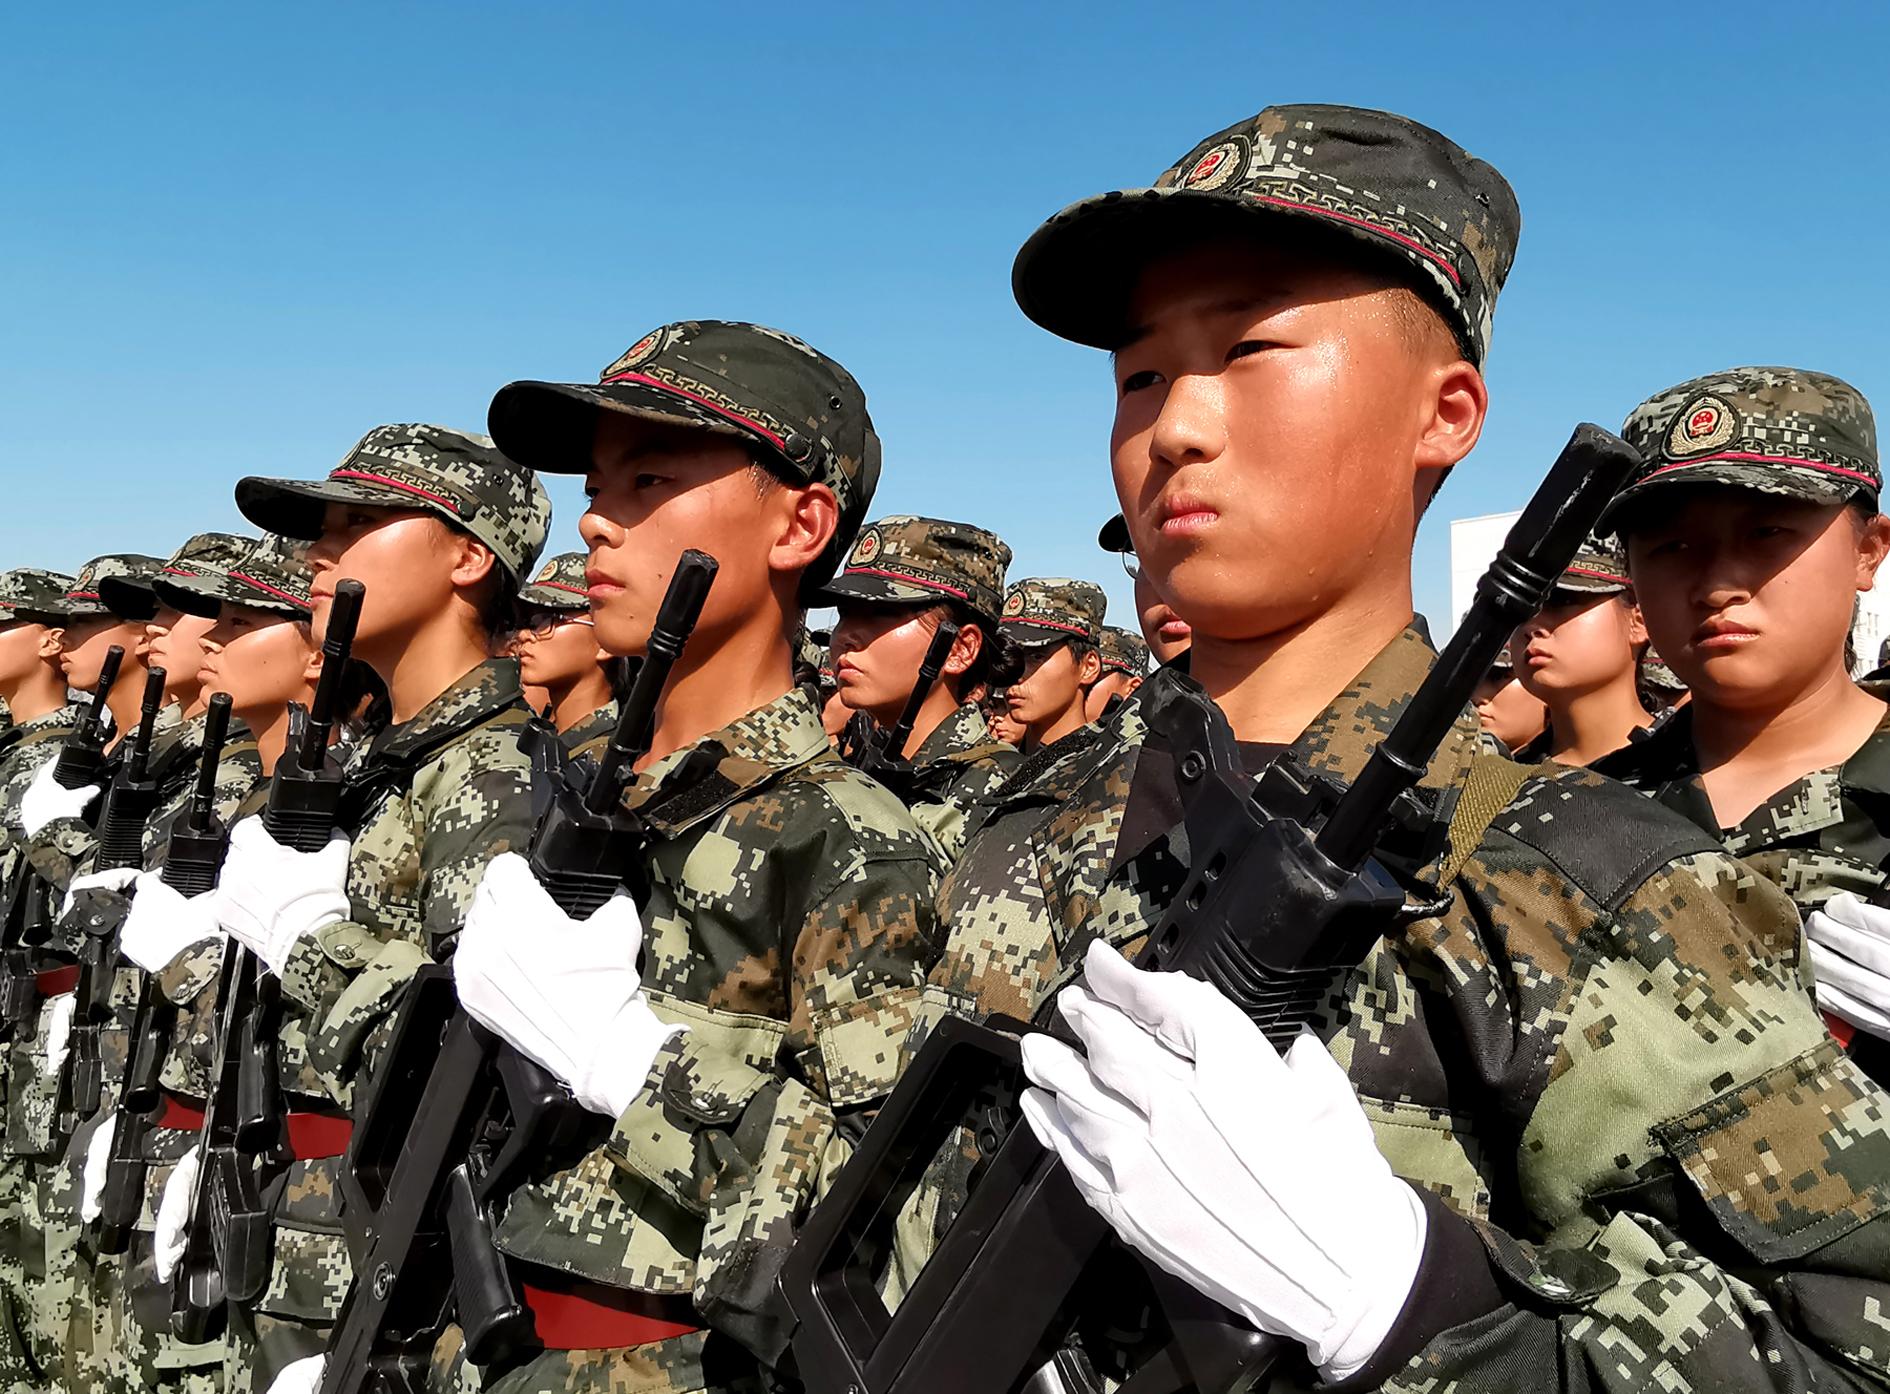 七师举办少年军校检阅式暨军事技能大赛